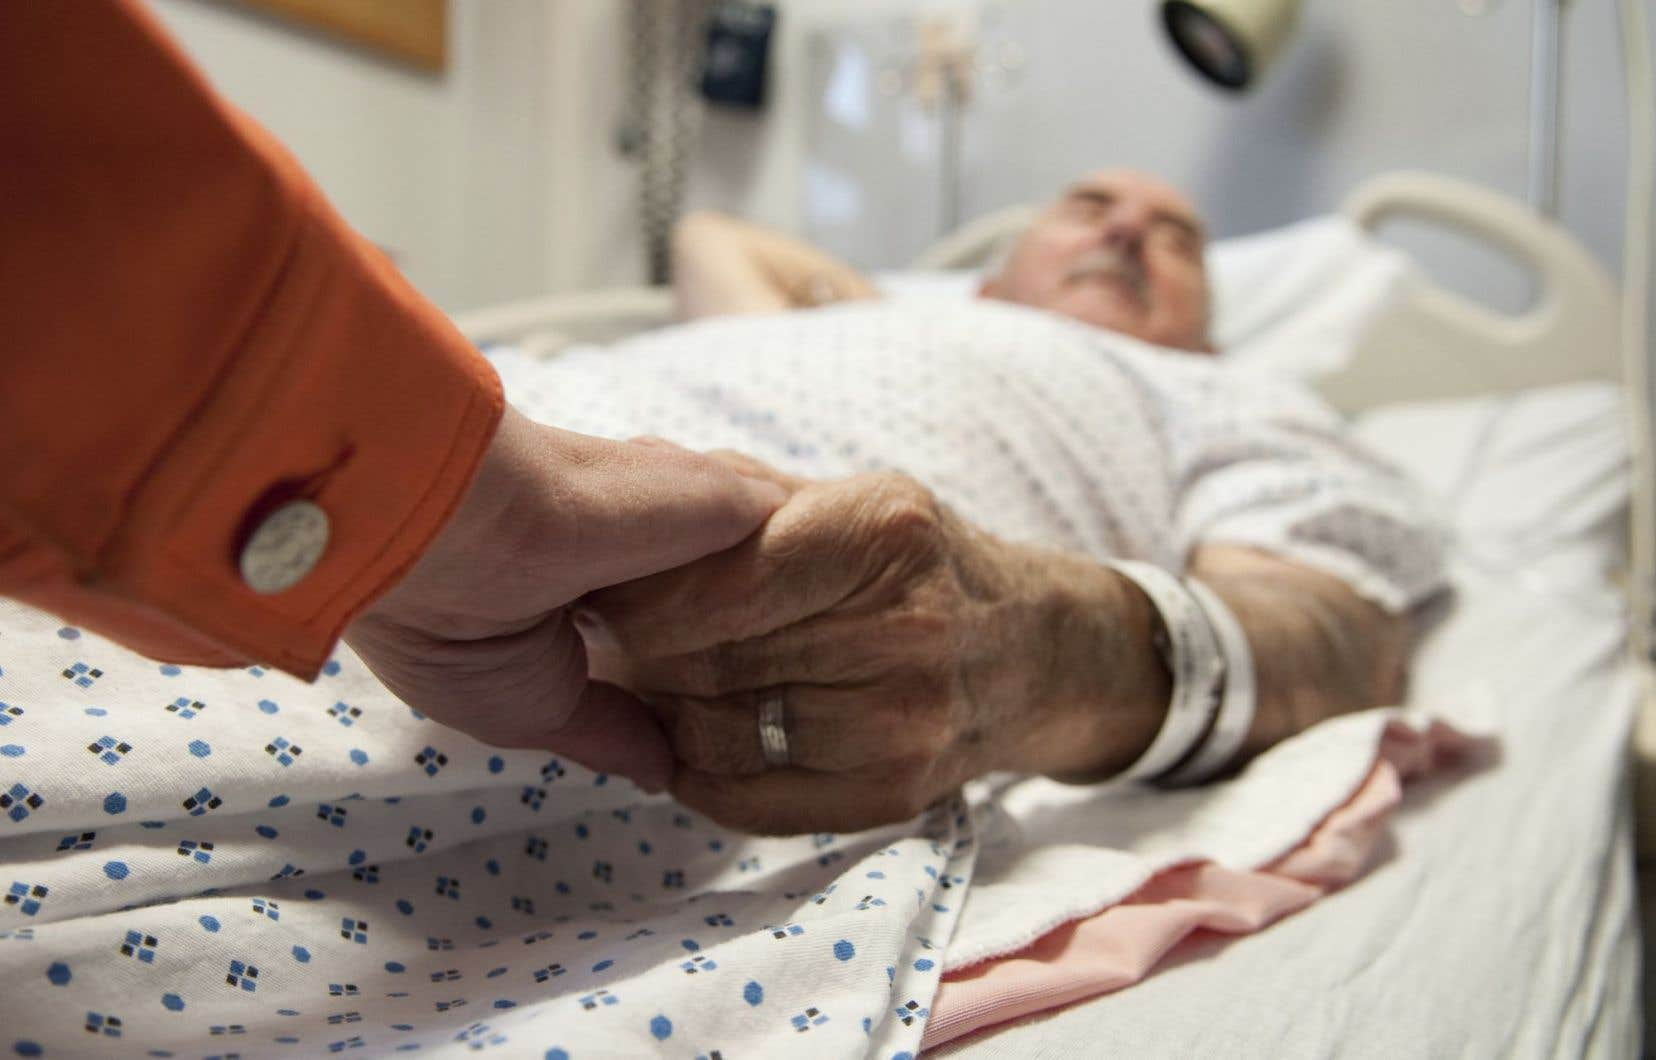 Pour 11% des demandes d'aide médicale à mourir, l'évaluation a conclu que le patient n'était pas admissible selon les critères de la loi.